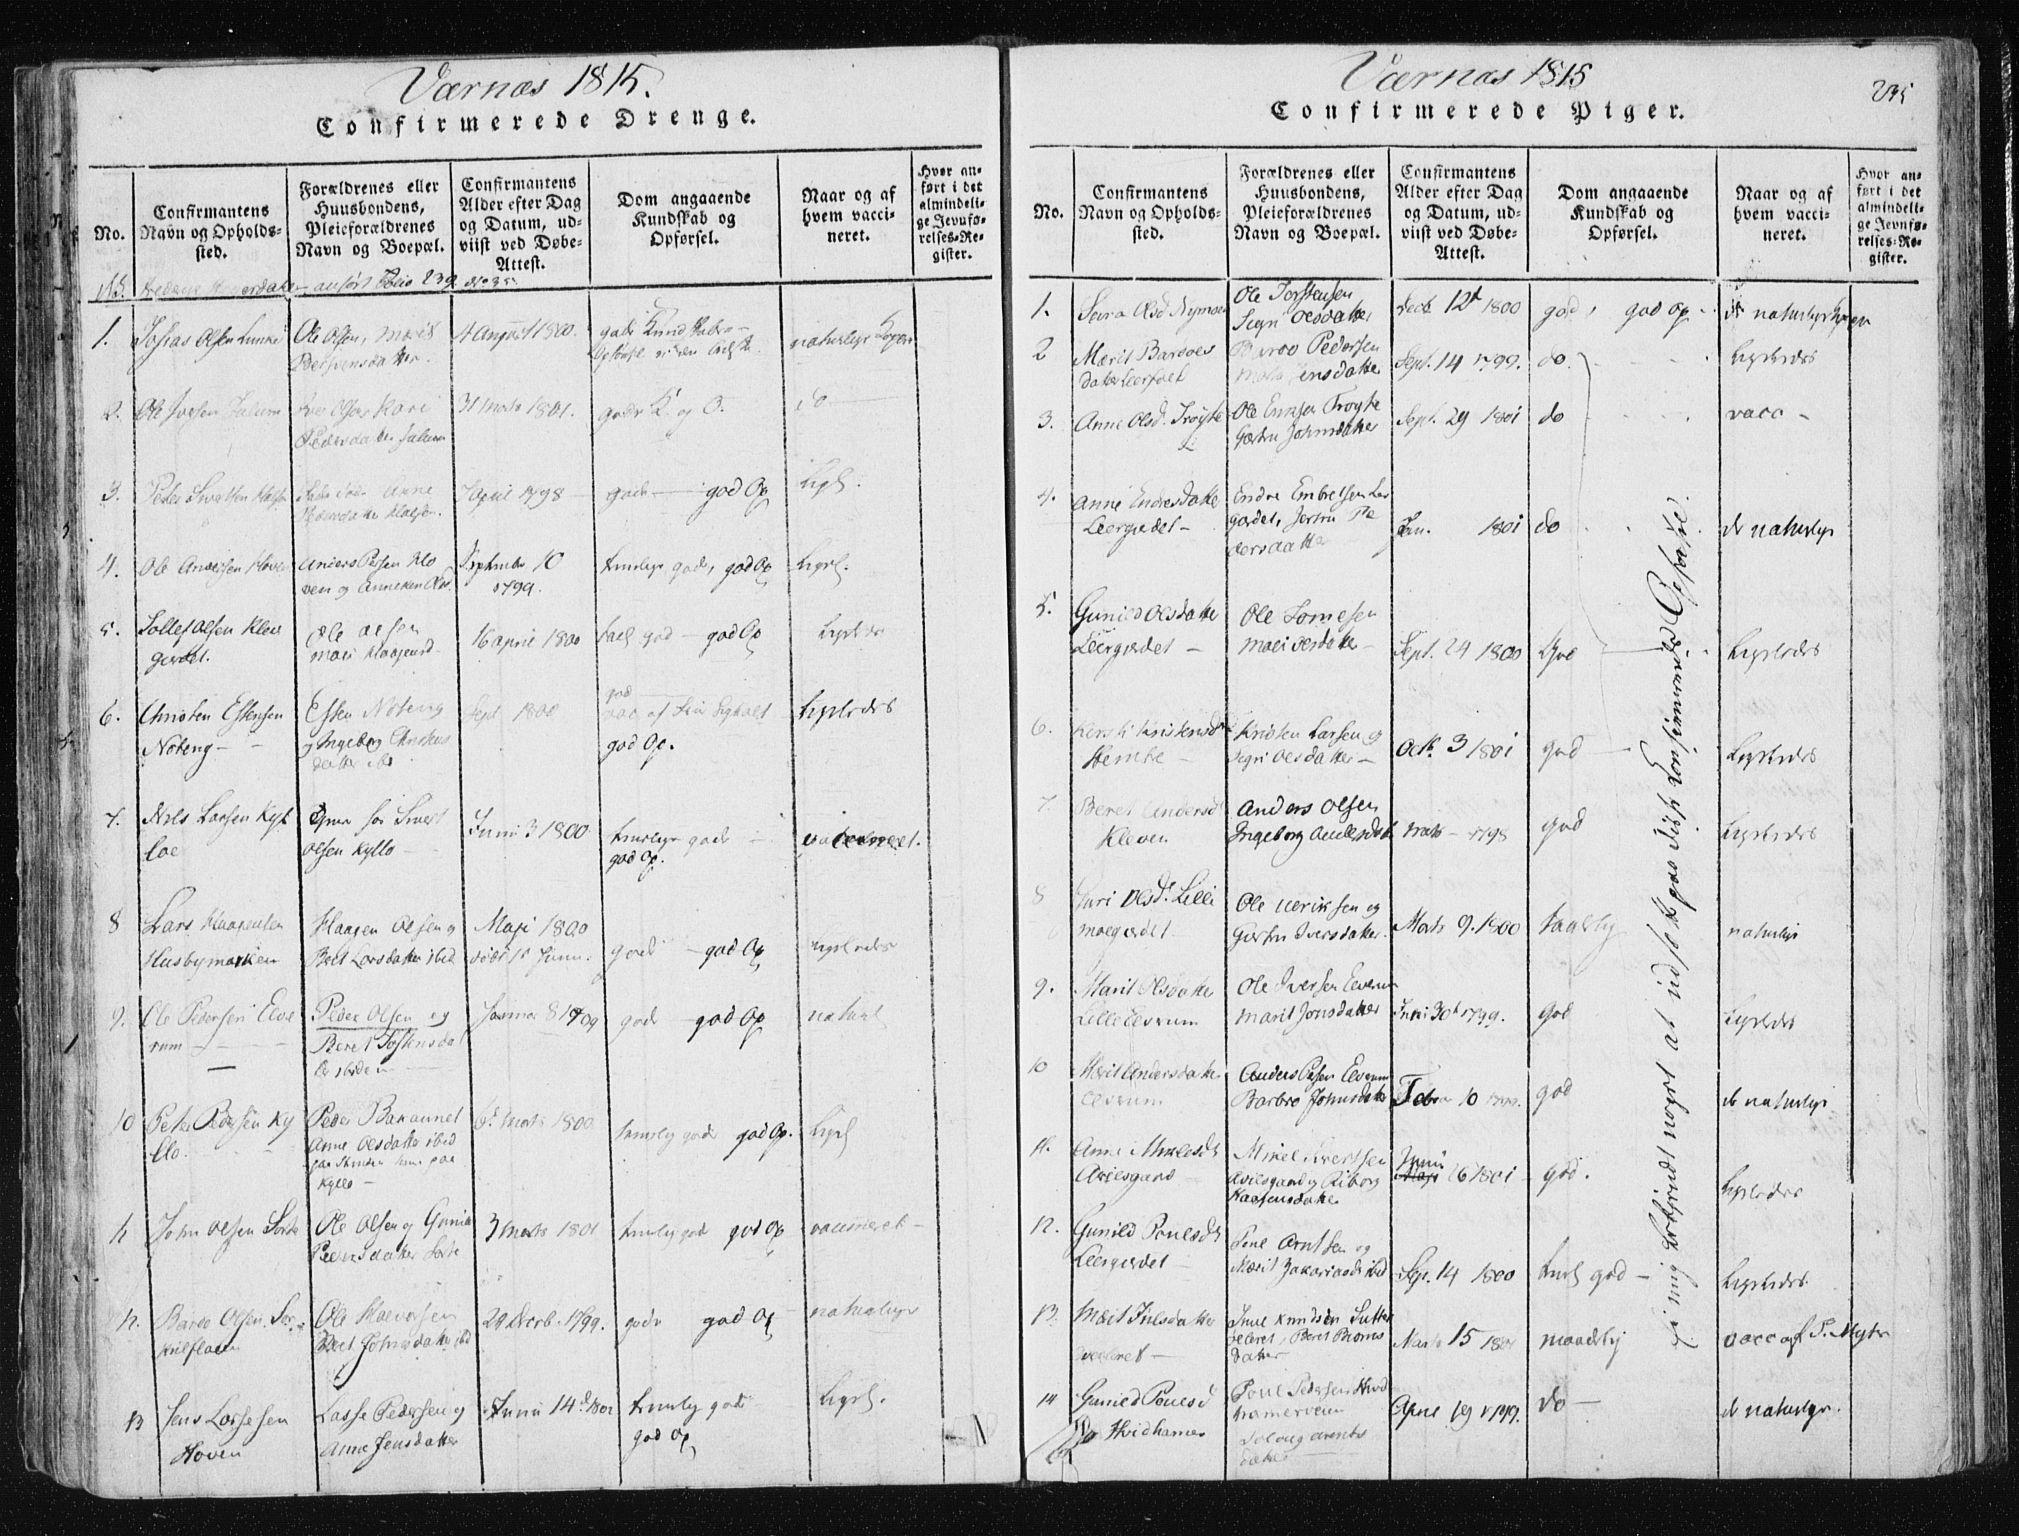 SAT, Ministerialprotokoller, klokkerbøker og fødselsregistre - Nord-Trøndelag, 709/L0061: Ministerialbok nr. 709A08 /1, 1815-1819, s. 235